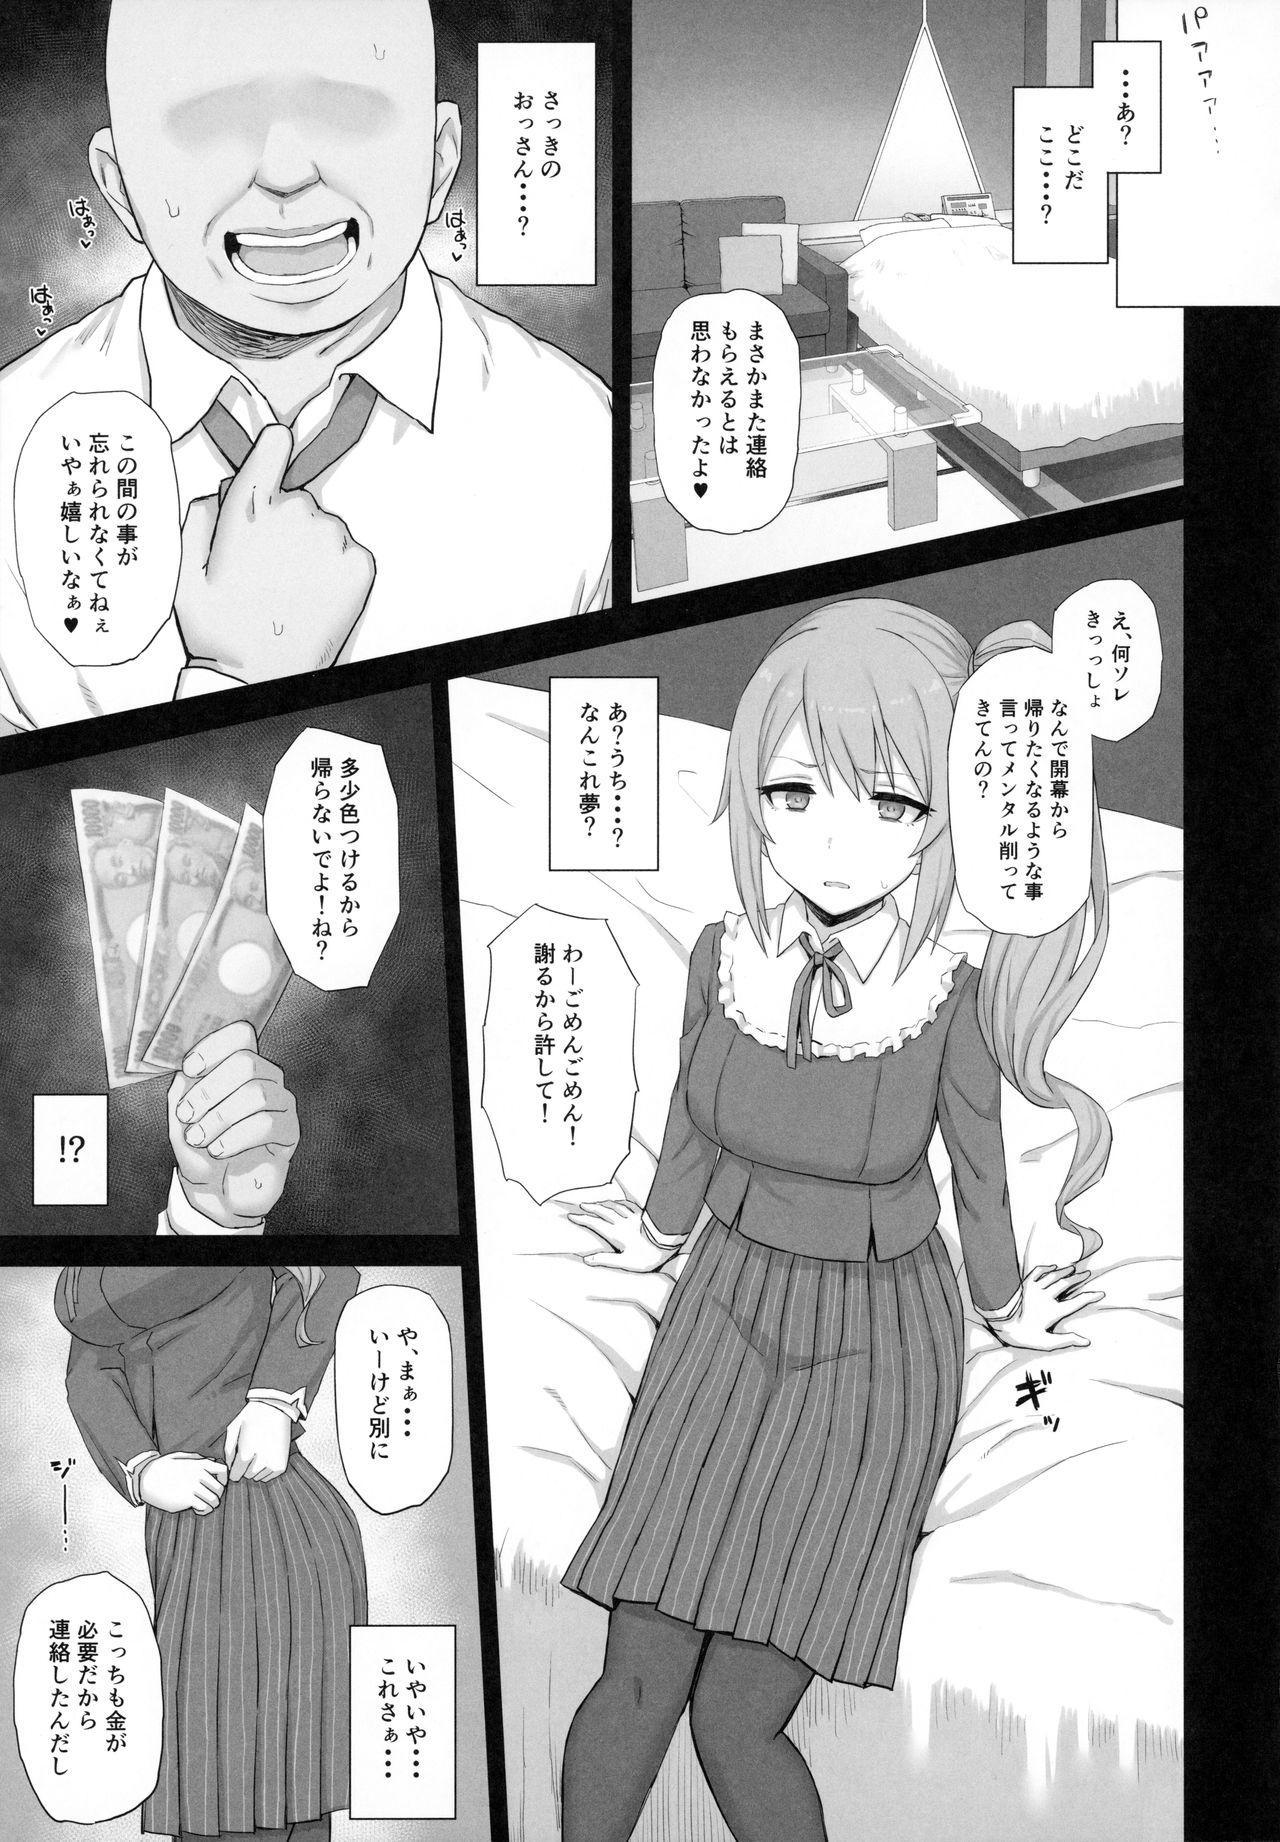 Ojou-sama Gakkou ni Kayou Binbou Shoujo wa Touzen no You ni Papakatsu ni Kiketsu Suru 3